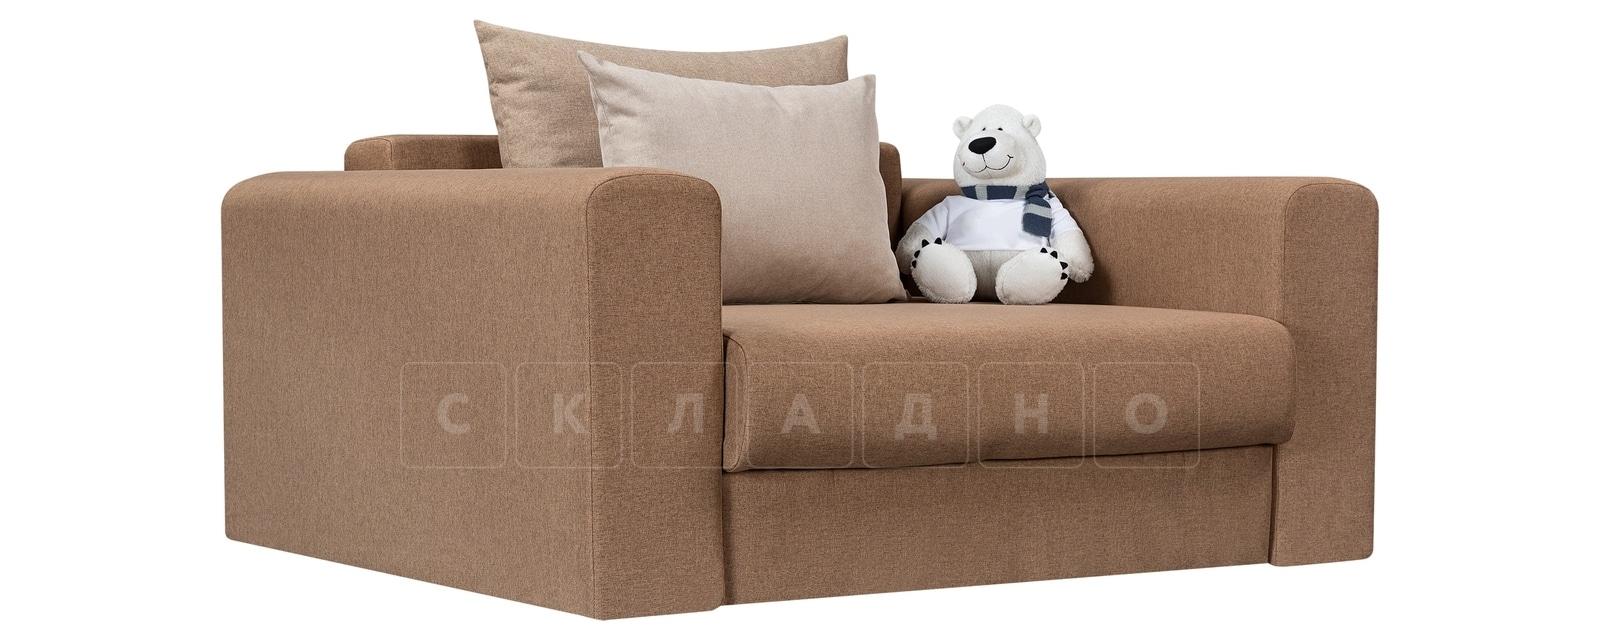 Кресло Медисон 100см коричневого цвета фото 1 | интернет-магазин Складно